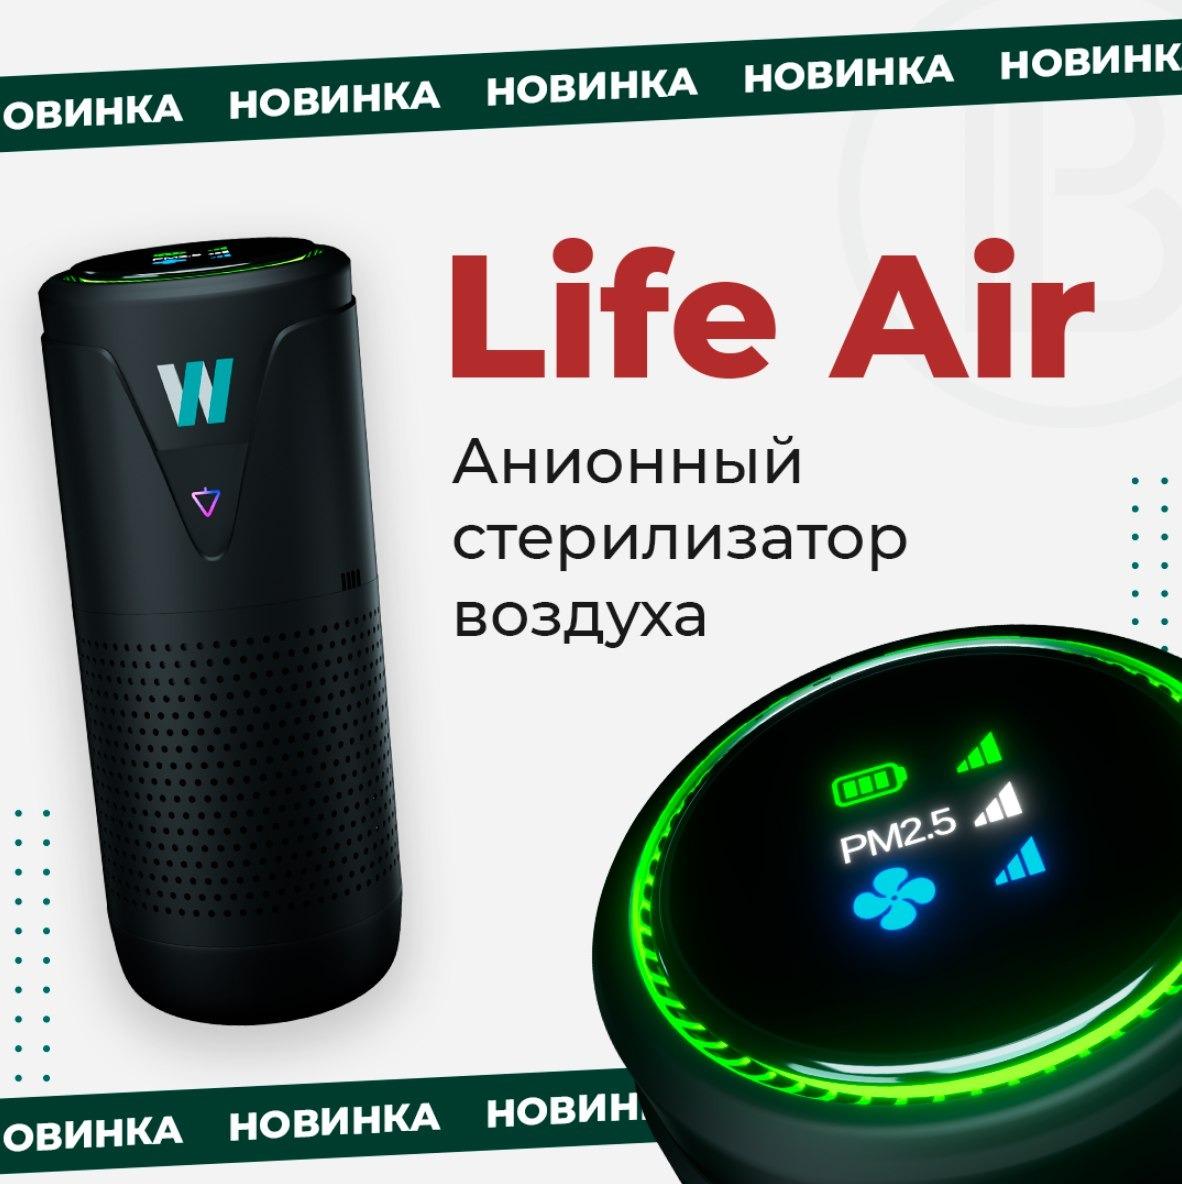 Анионный стерилизатор воздуха Life Air